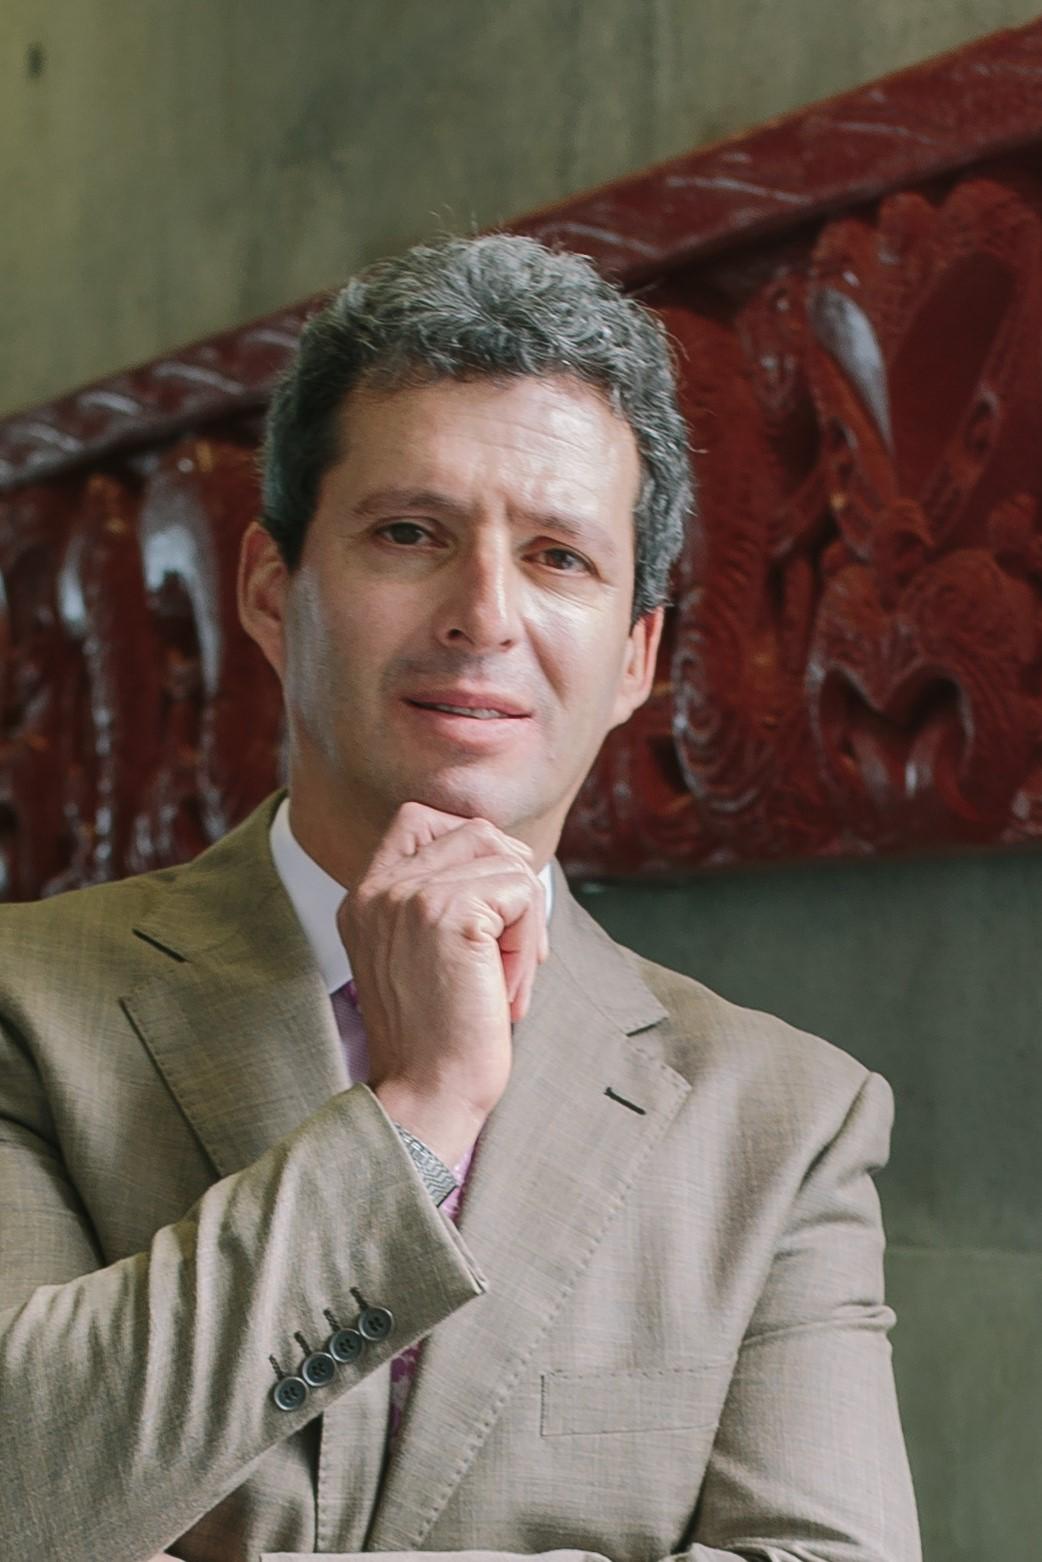 Alberto Alvarez-Jimenez